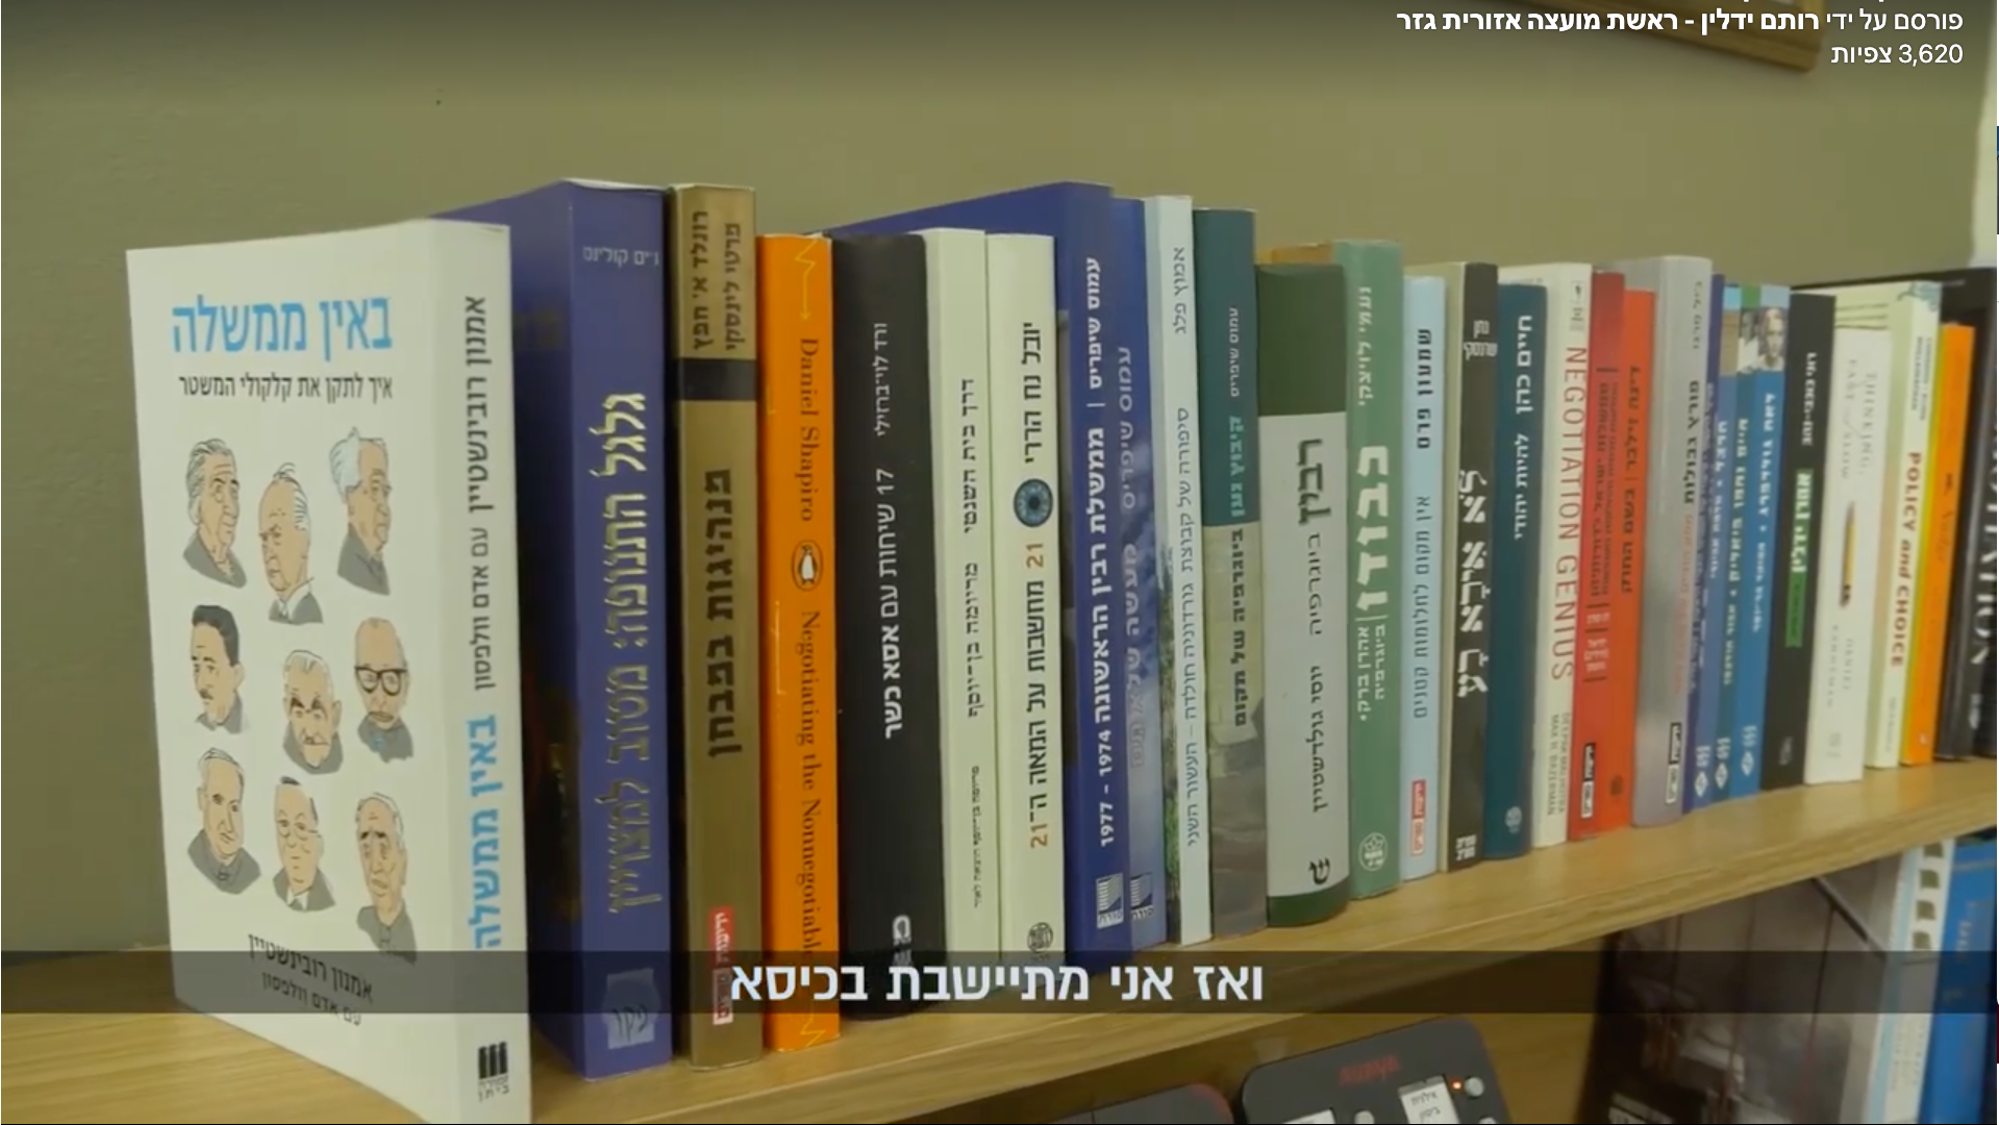 מי הפליל את רוג׳ר מרטין 3: עלייתם ונפילתם של ספרי ניהול פופולאריים